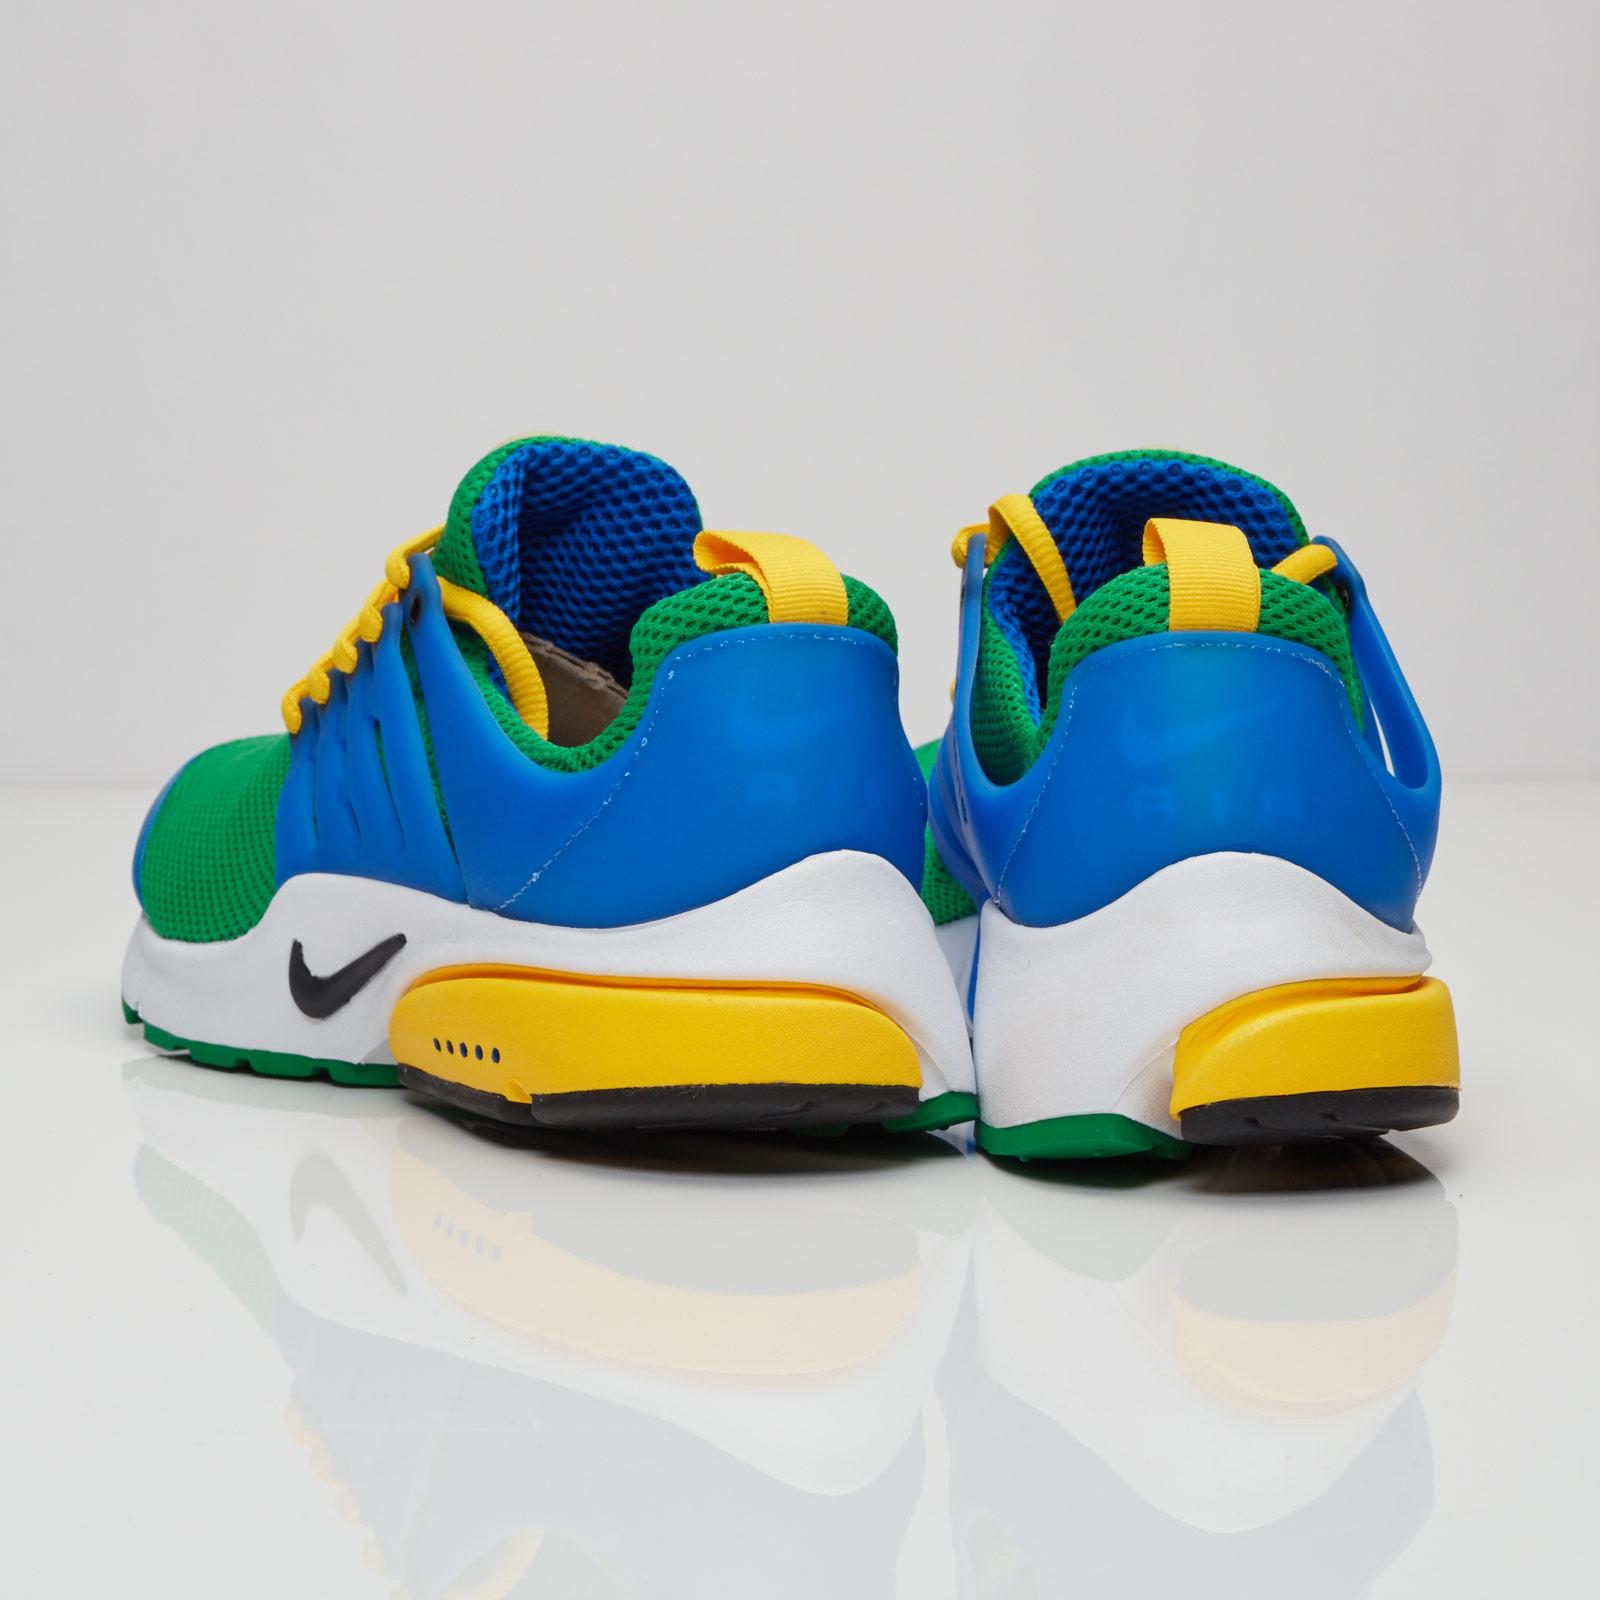 new product 478ba 10b16 Nike Air Presto Essential - 848187-300 - Sneakersnstuff   sneakers    streetwear online since 1999